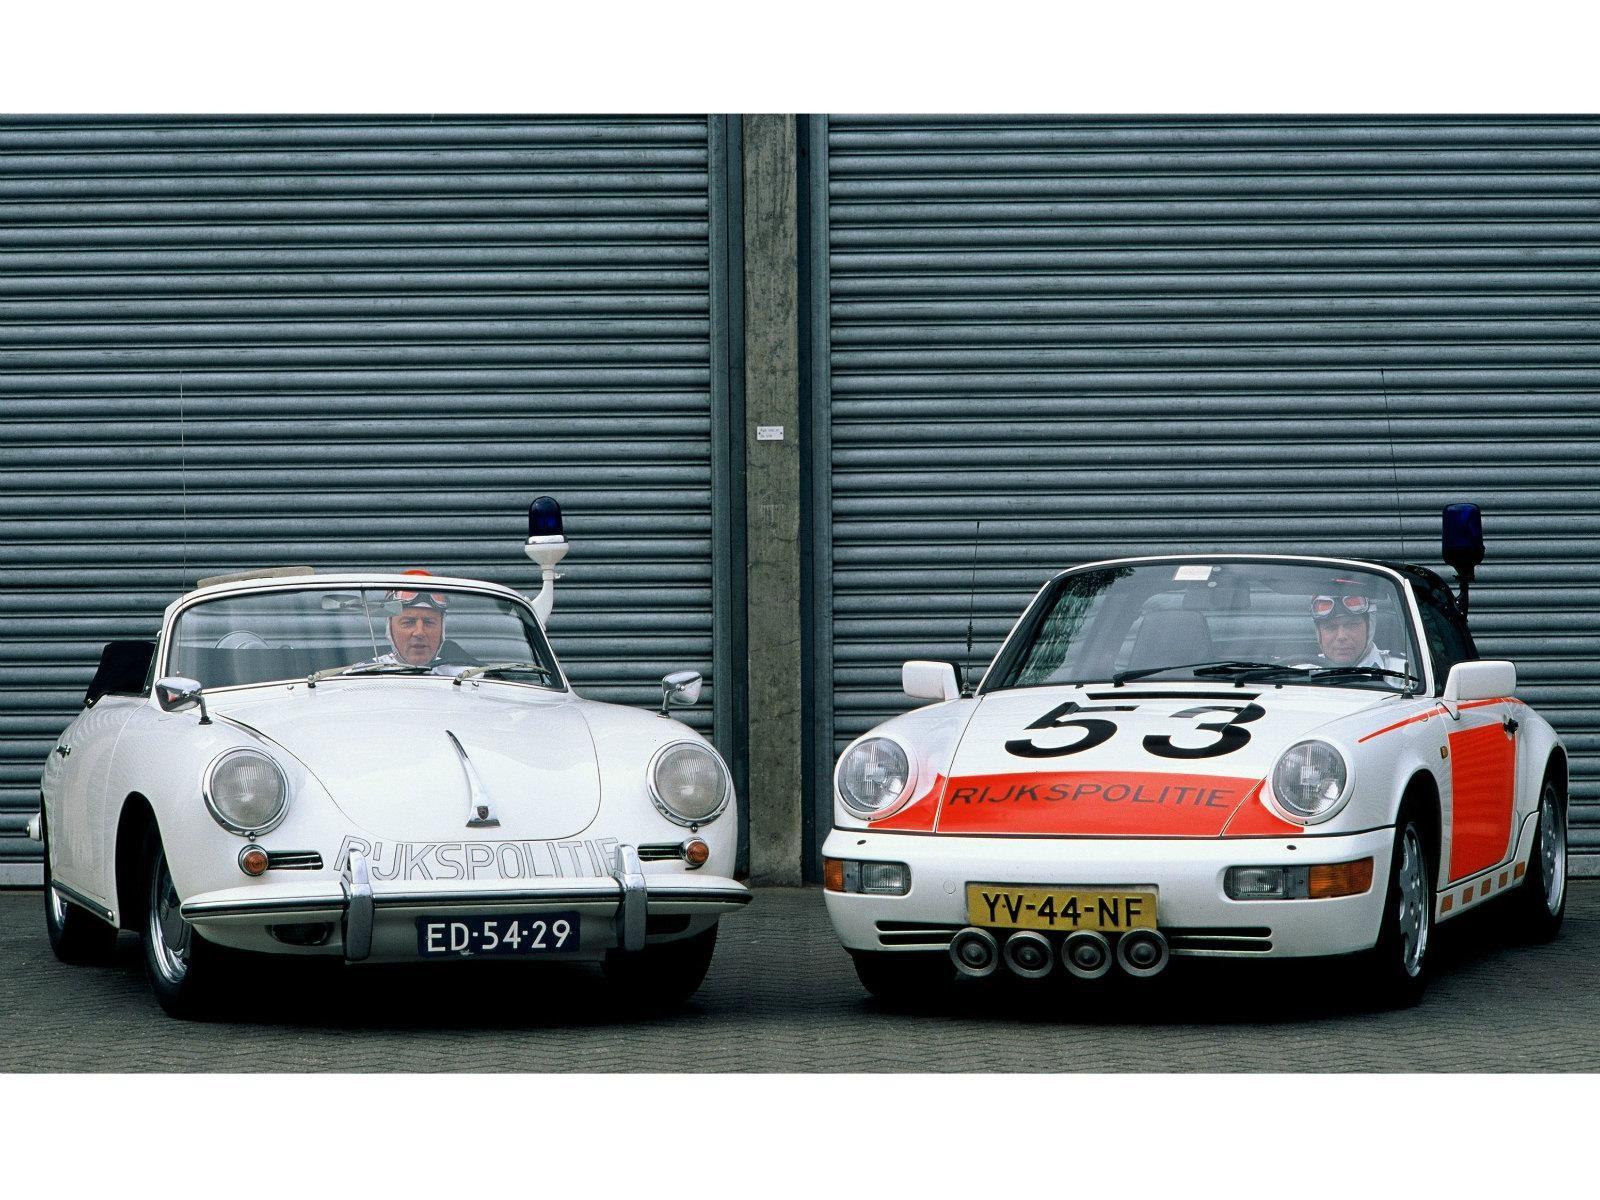 ¿Lo sabías?: En Países Bajos las patrullas son Porsche convertibles